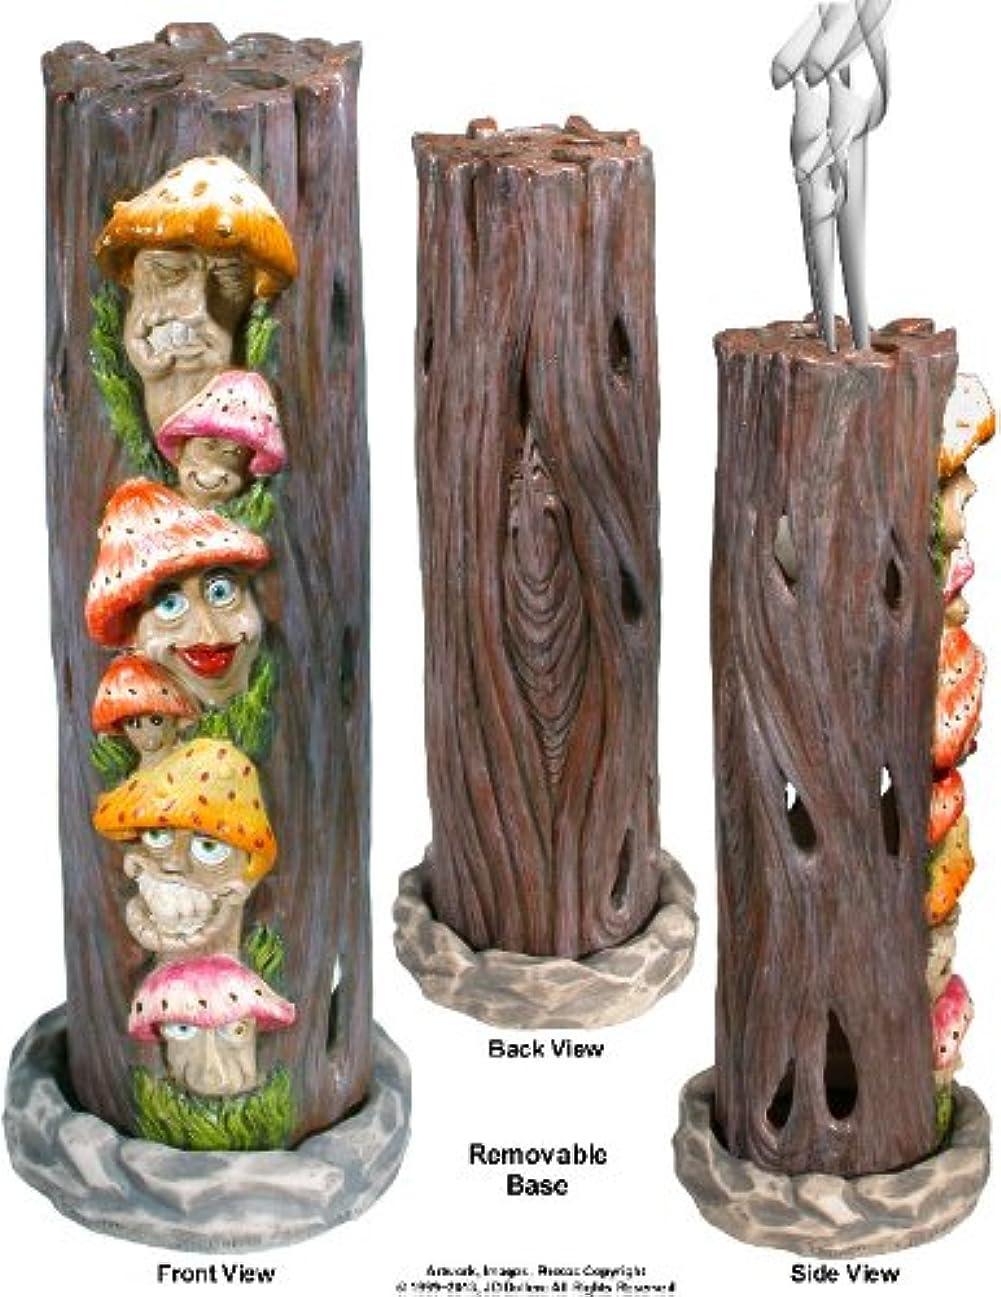 困惑したポンペイフィードMushrooms Family inアリスWonderland SmokingタワーIncense burner-ashcatcher by Nose Dessertsブランド